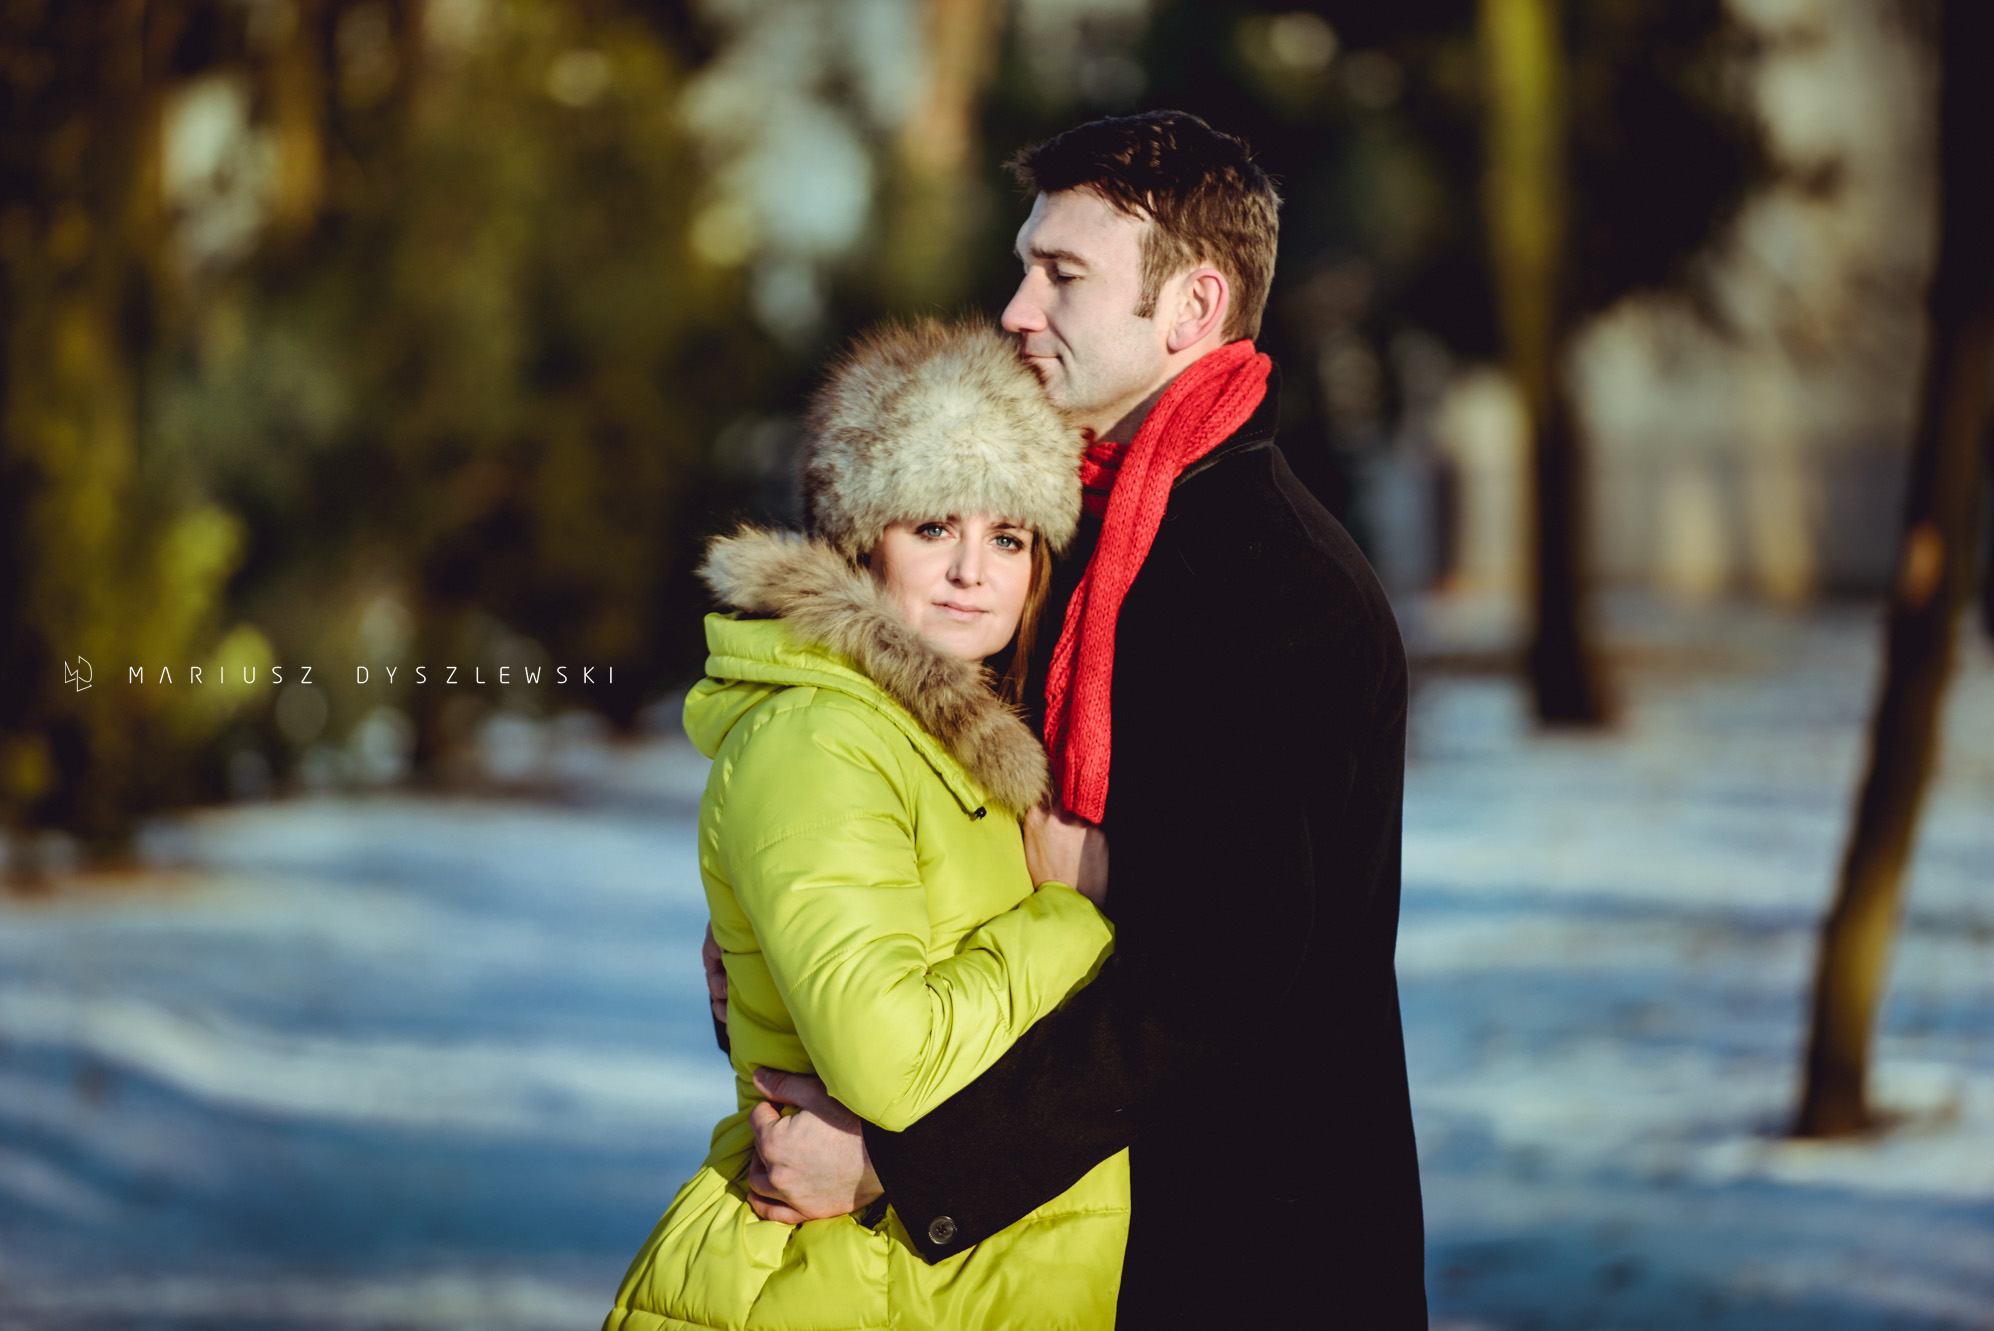 sesja_zimowa_mariusz_dyszlewski_fotograf (4)